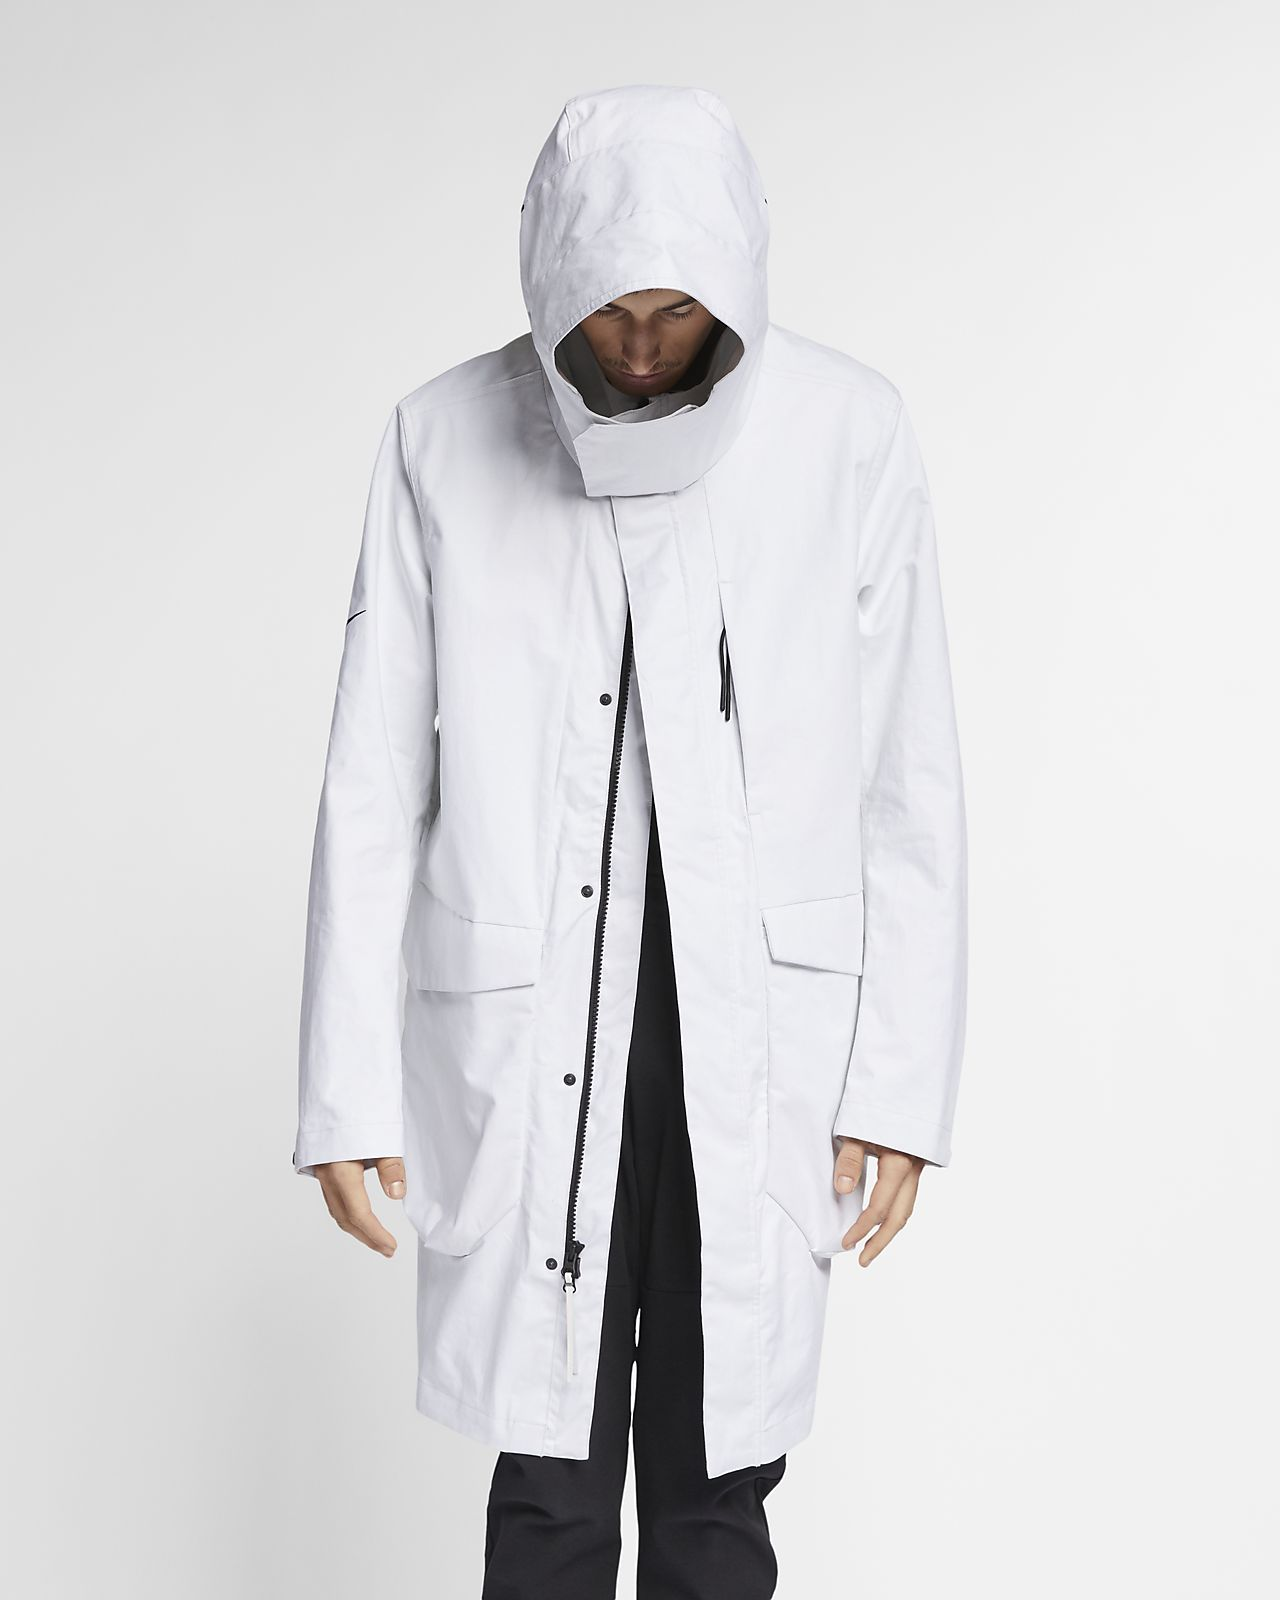 Nike Sportswear Tech Pack Men's Woven Parka